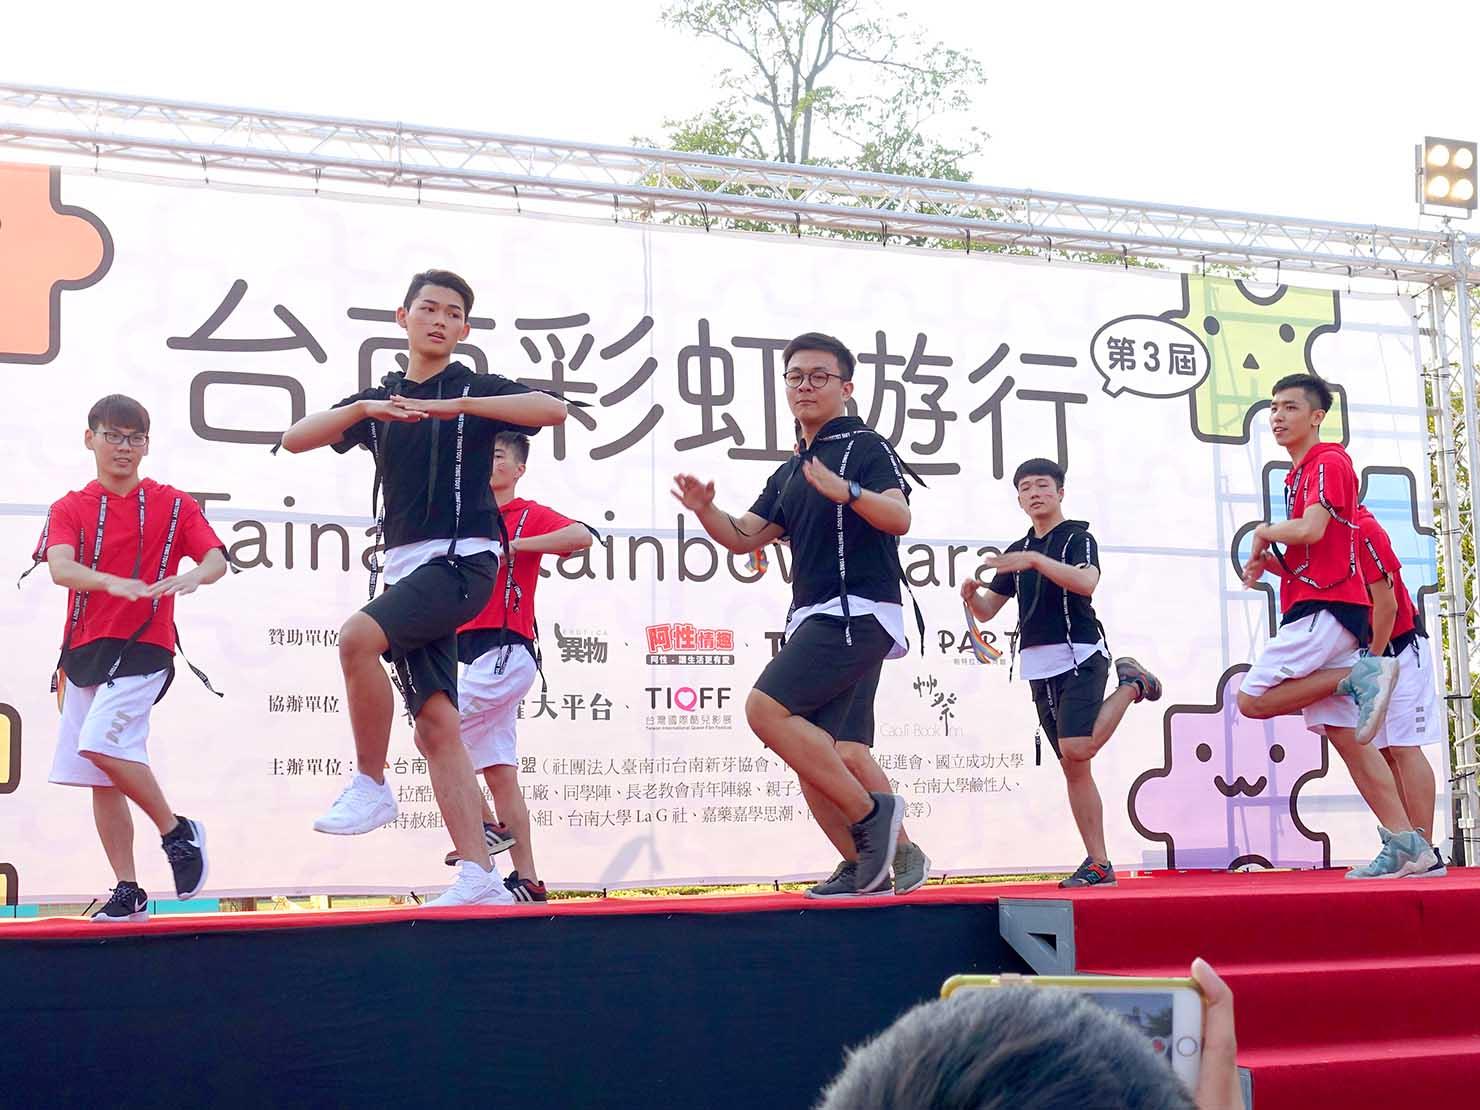 2018年台湾最初のLGBTプライド「台南彩虹遊行(台南レインボーパレード)」ステージでダンスを披露するグループ